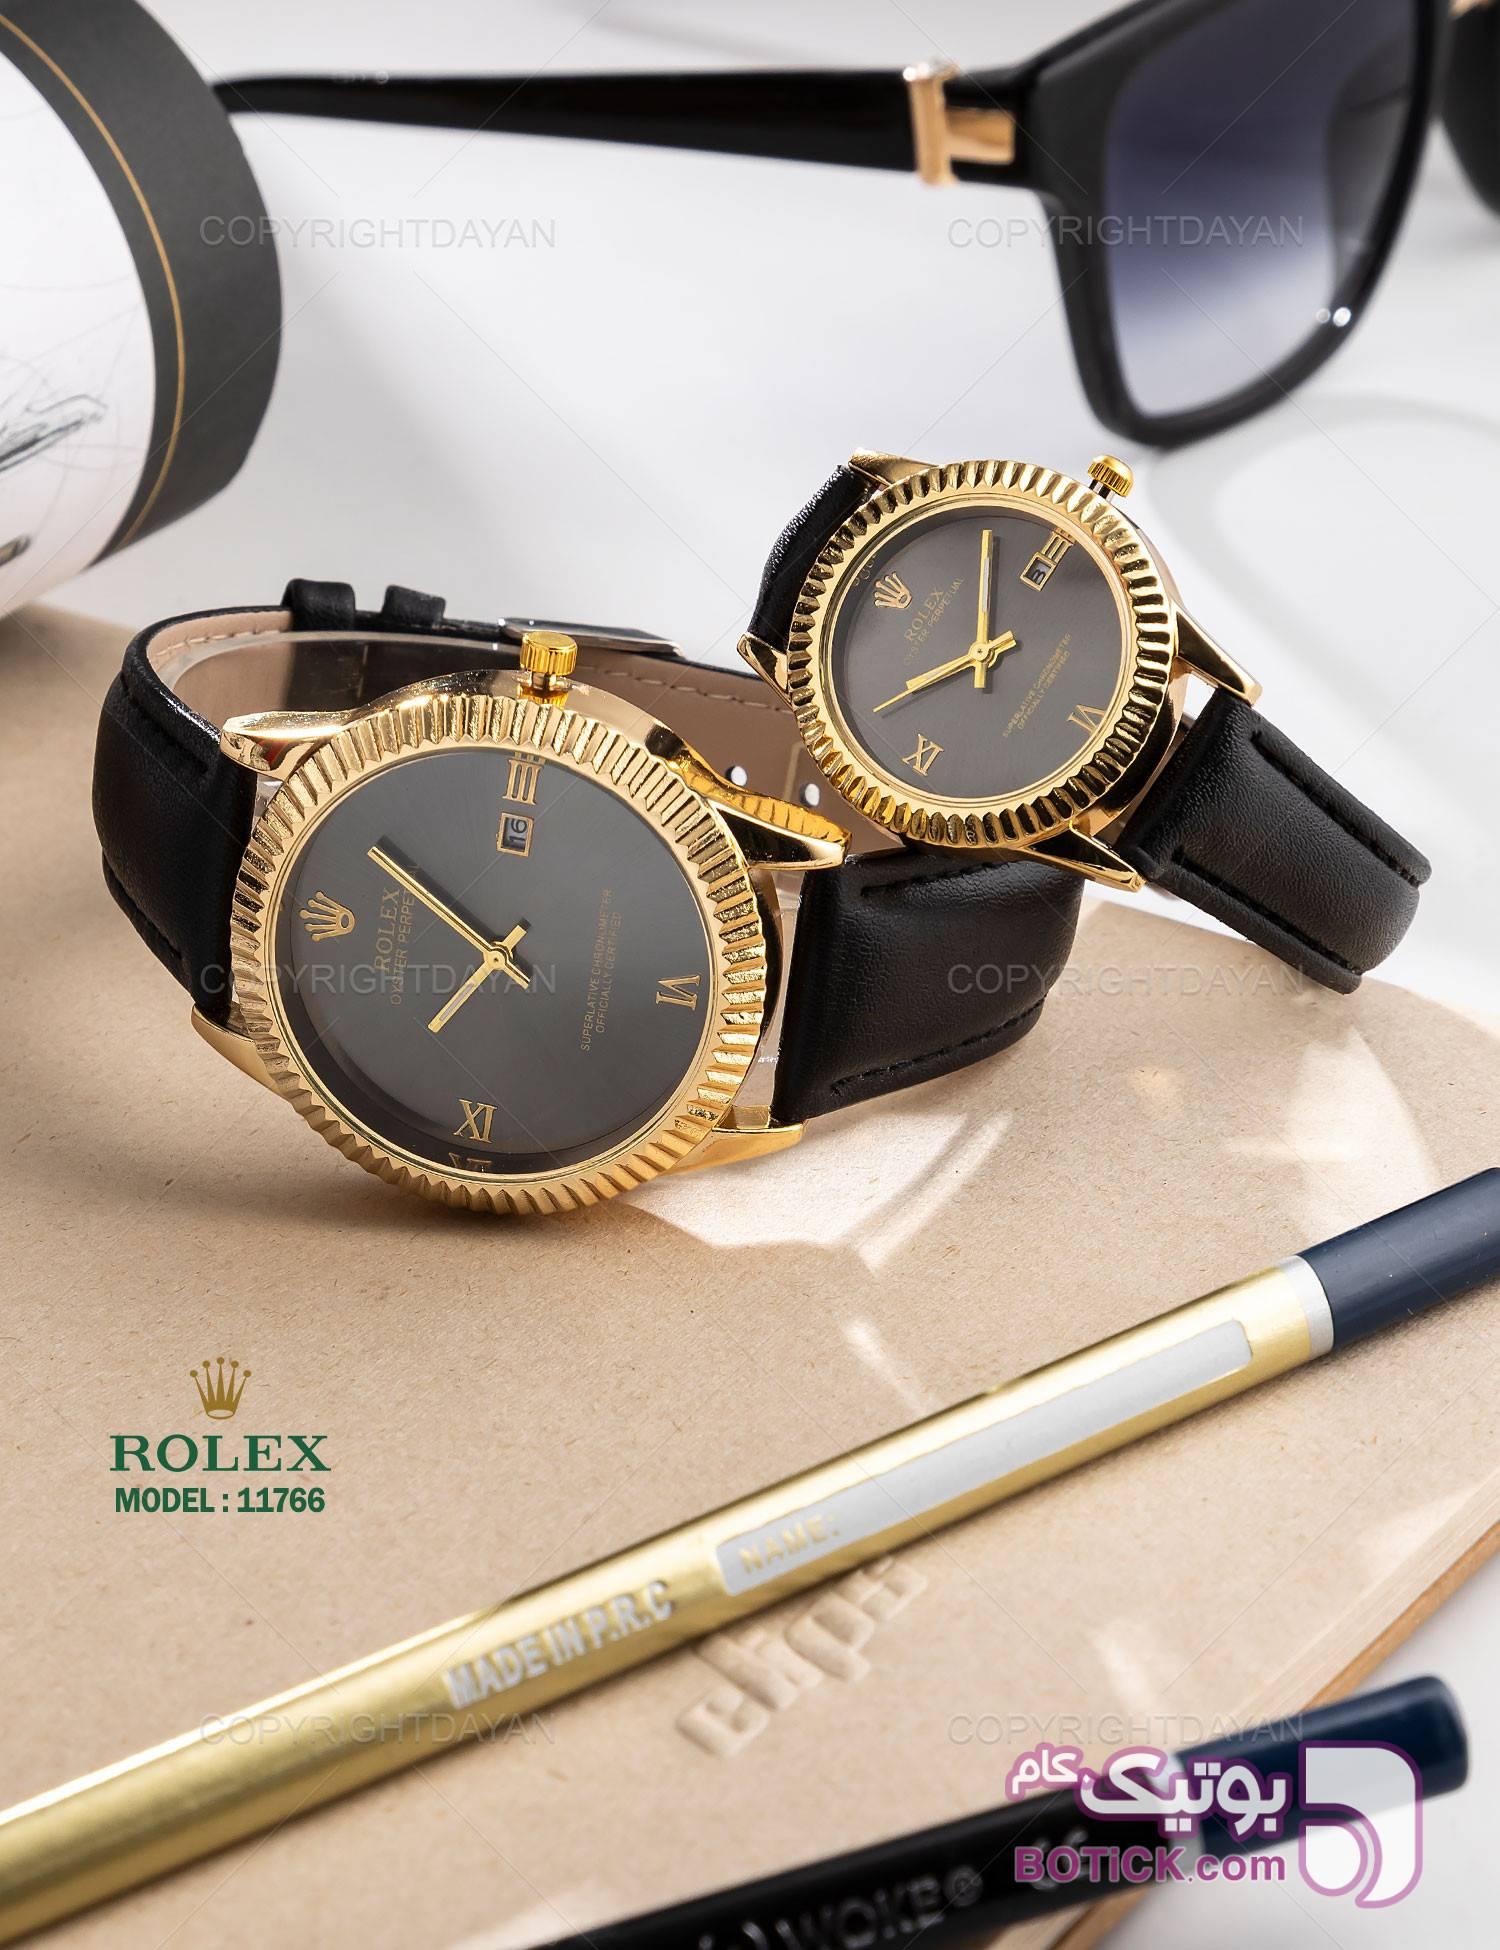 ست ساعت مچی Rolex مدل 11766 مشکی ساعت